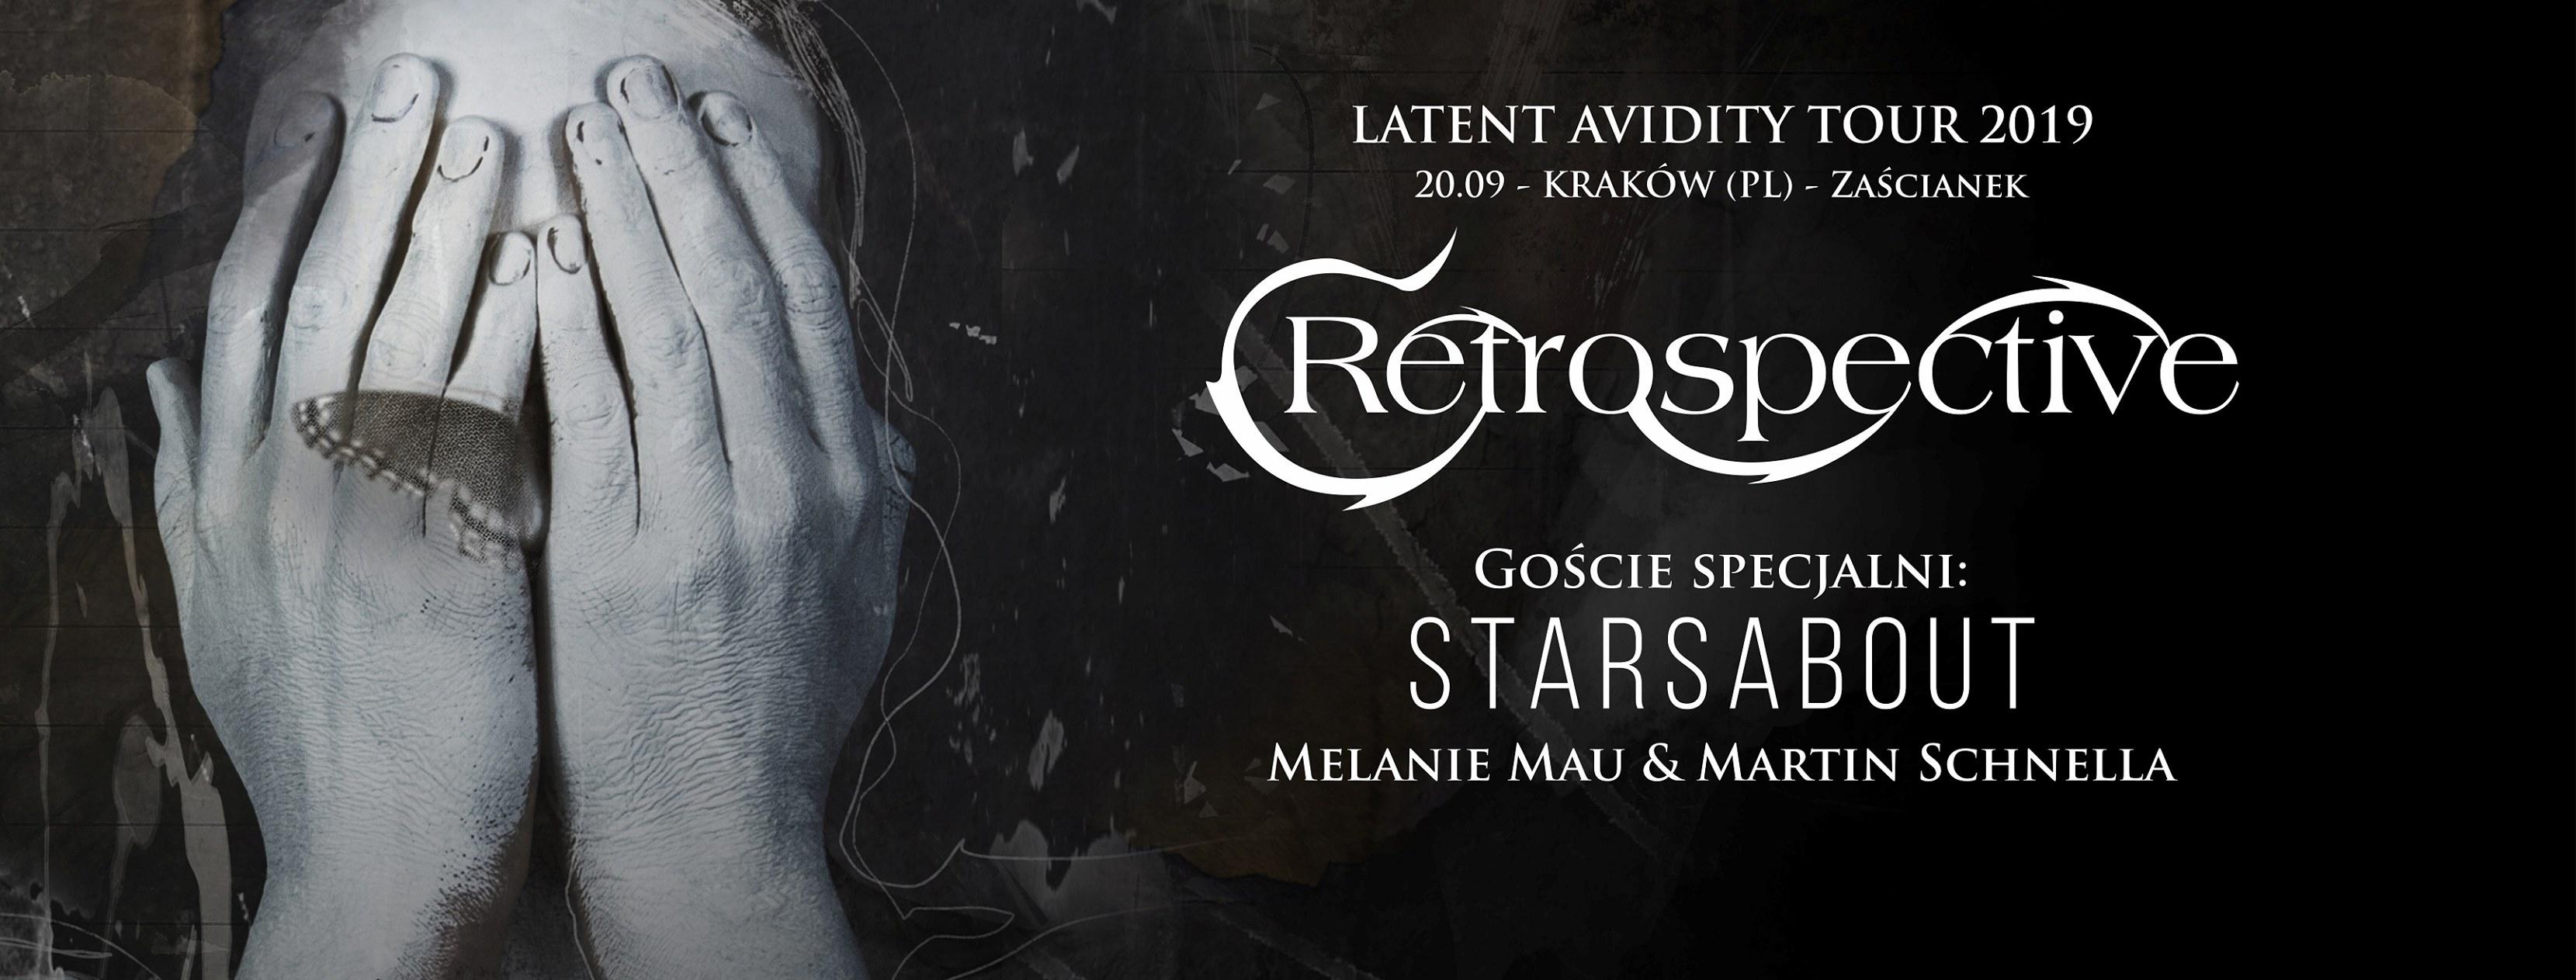 Retrospective, Starsabout, Melanie Mau & Martin Schnella